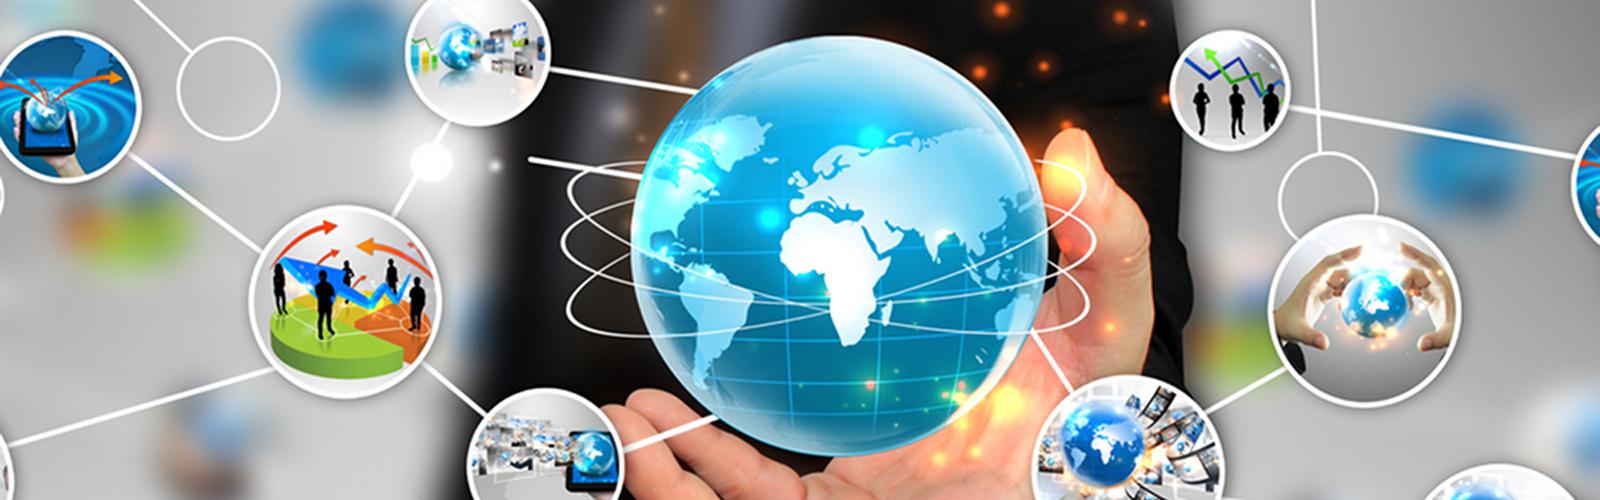 Statistiche e trend su internet, social media e mobile per il 2014 in Italia e nel mondo